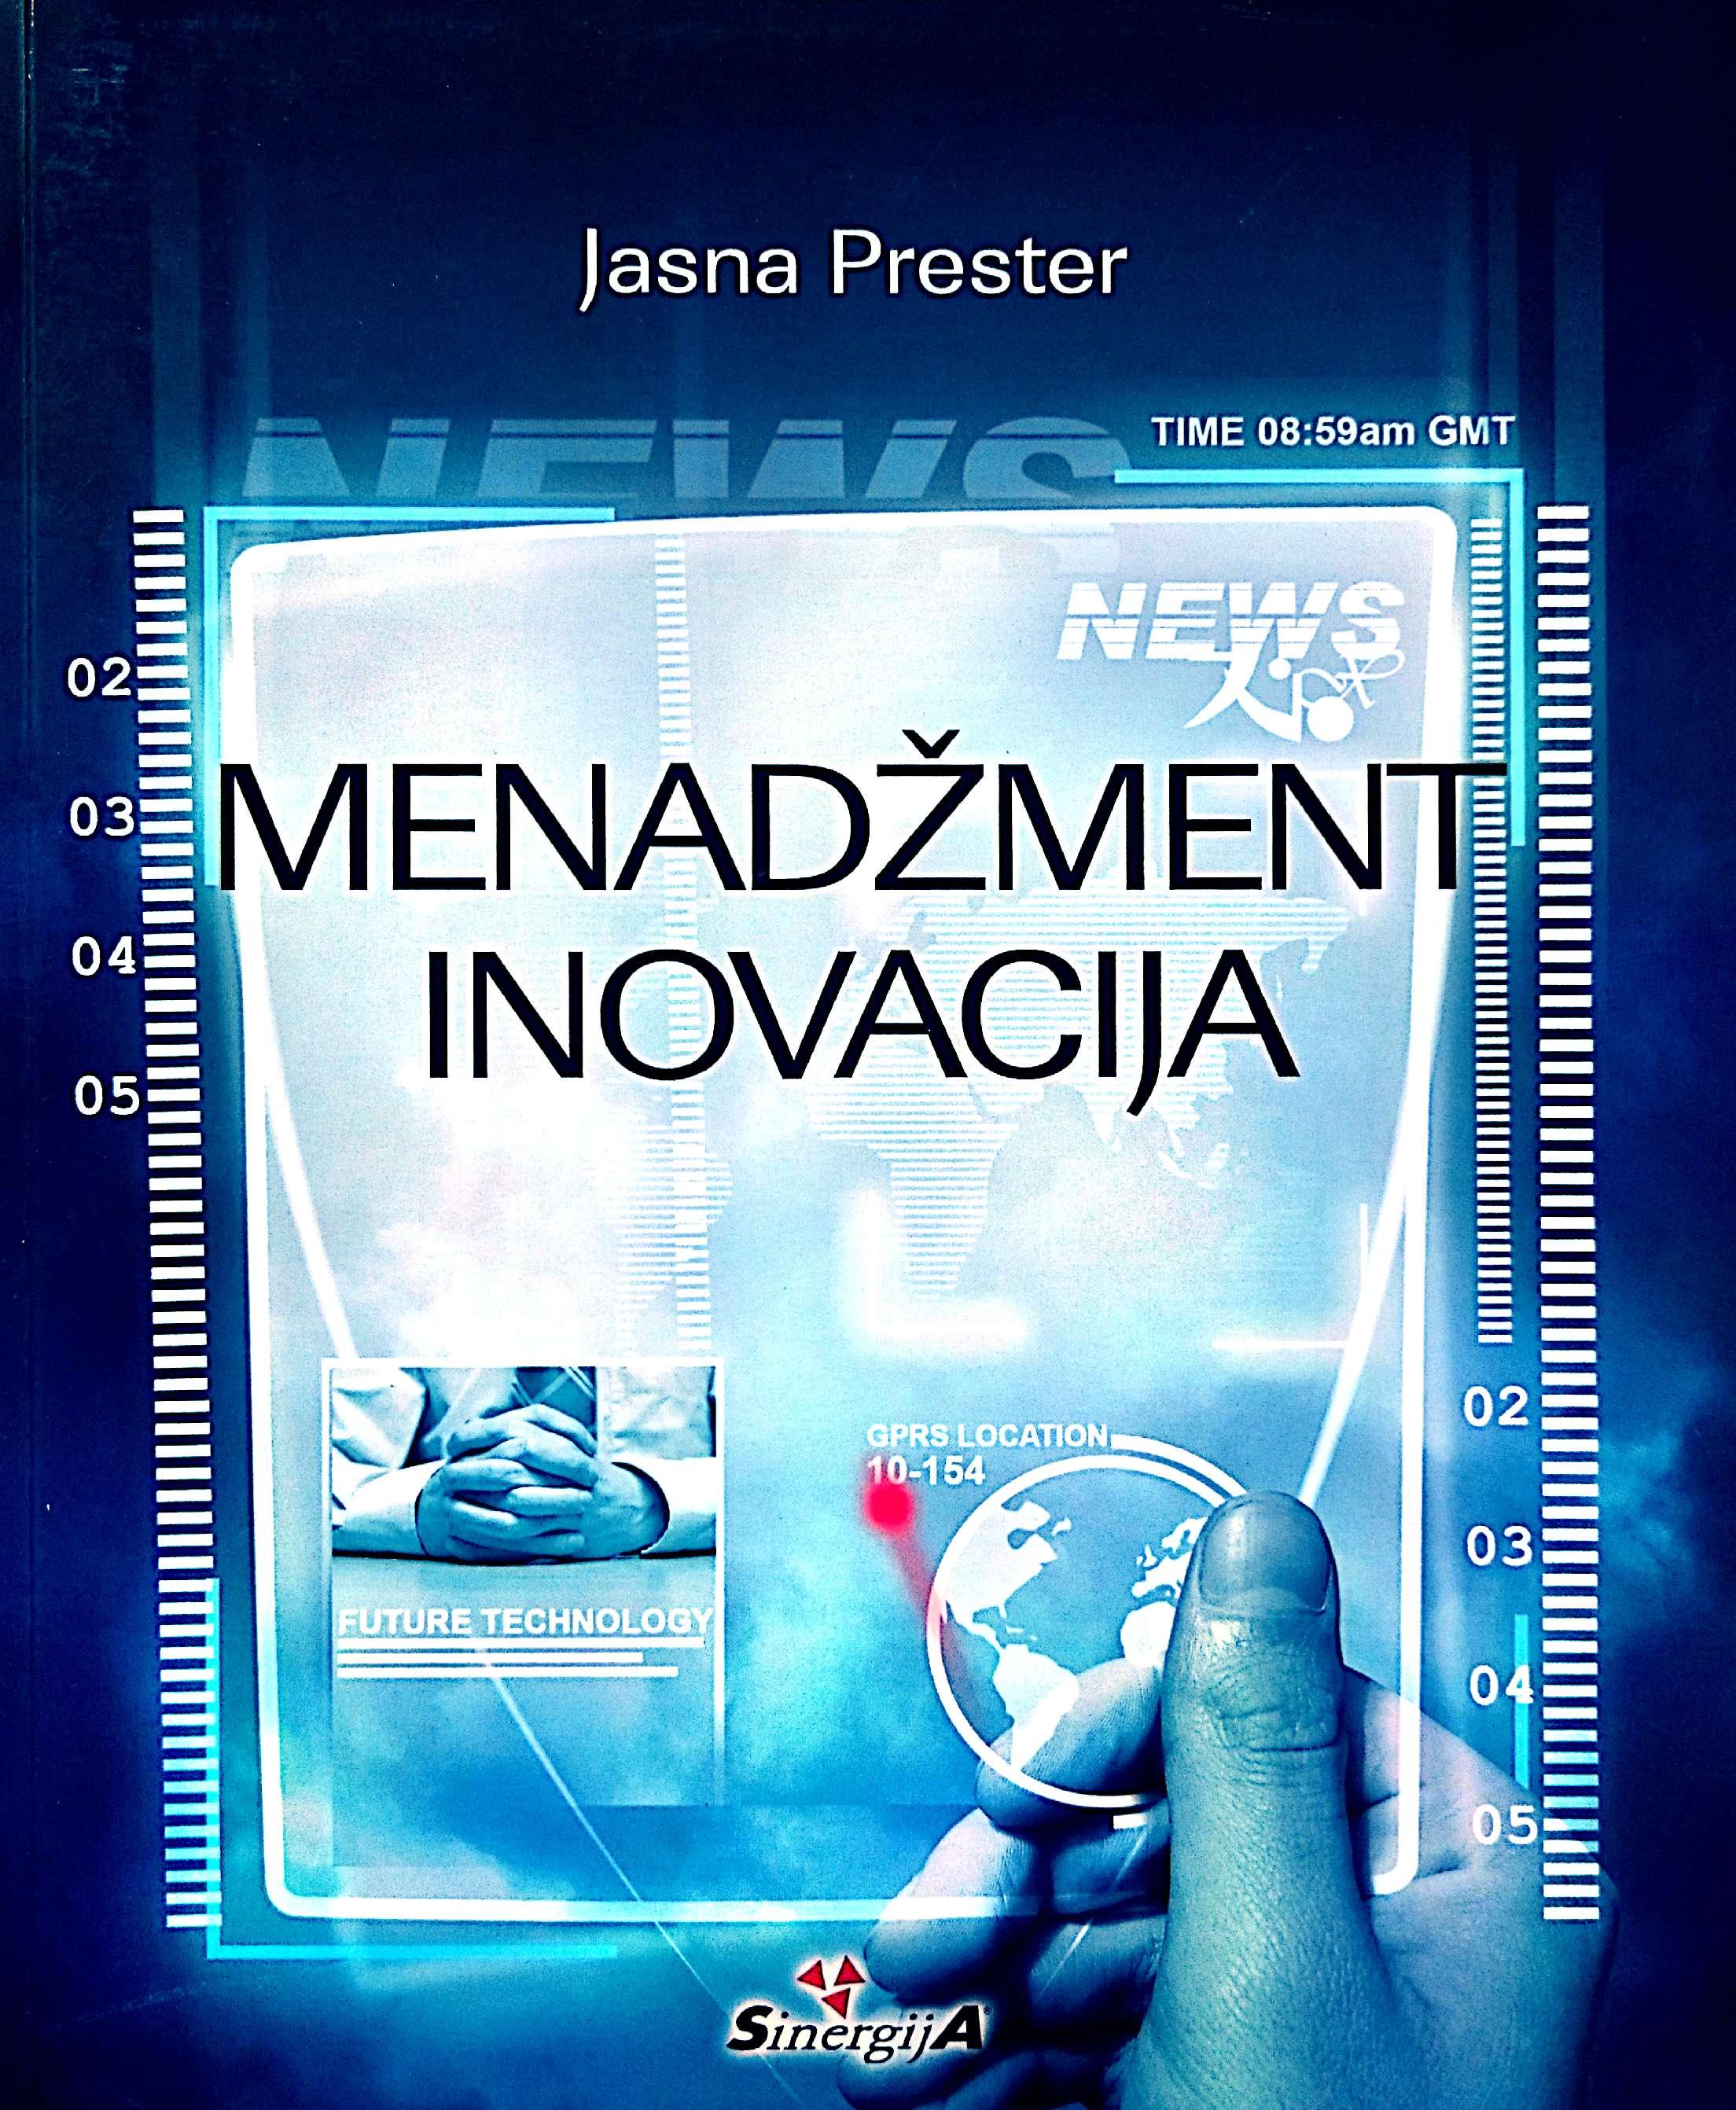 MENADŽMENT INOVACIJA - Naruči svoju knjigu